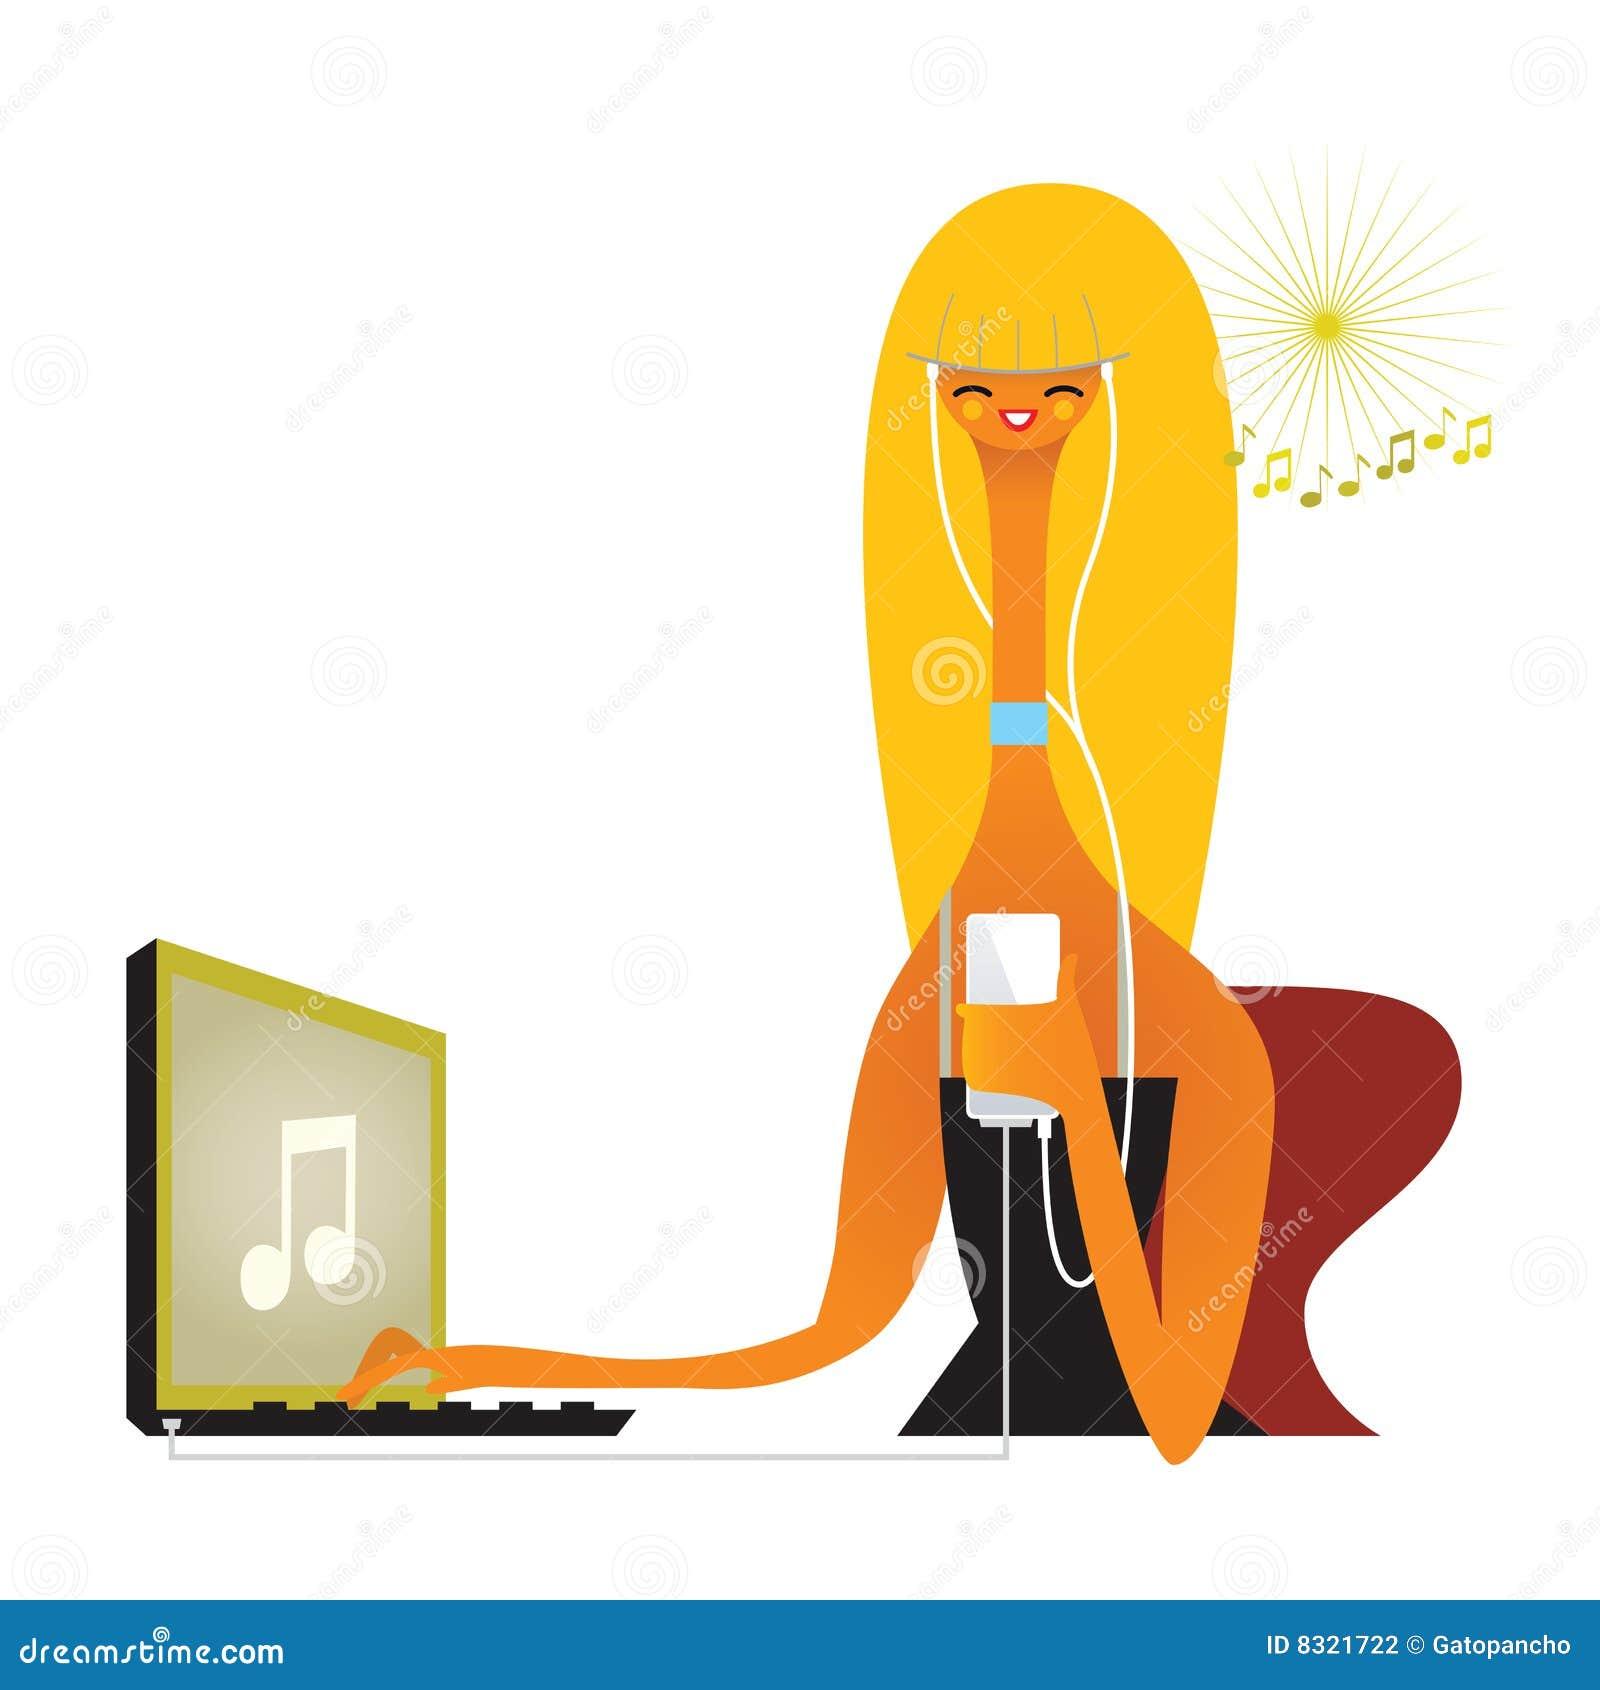 Downloading girl listening music